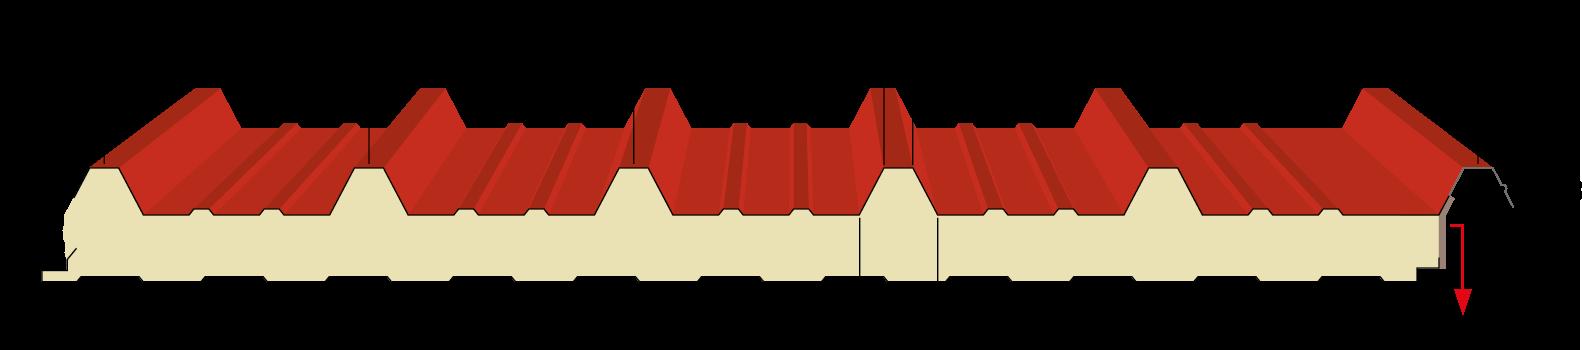 isocopre_grafic-principal